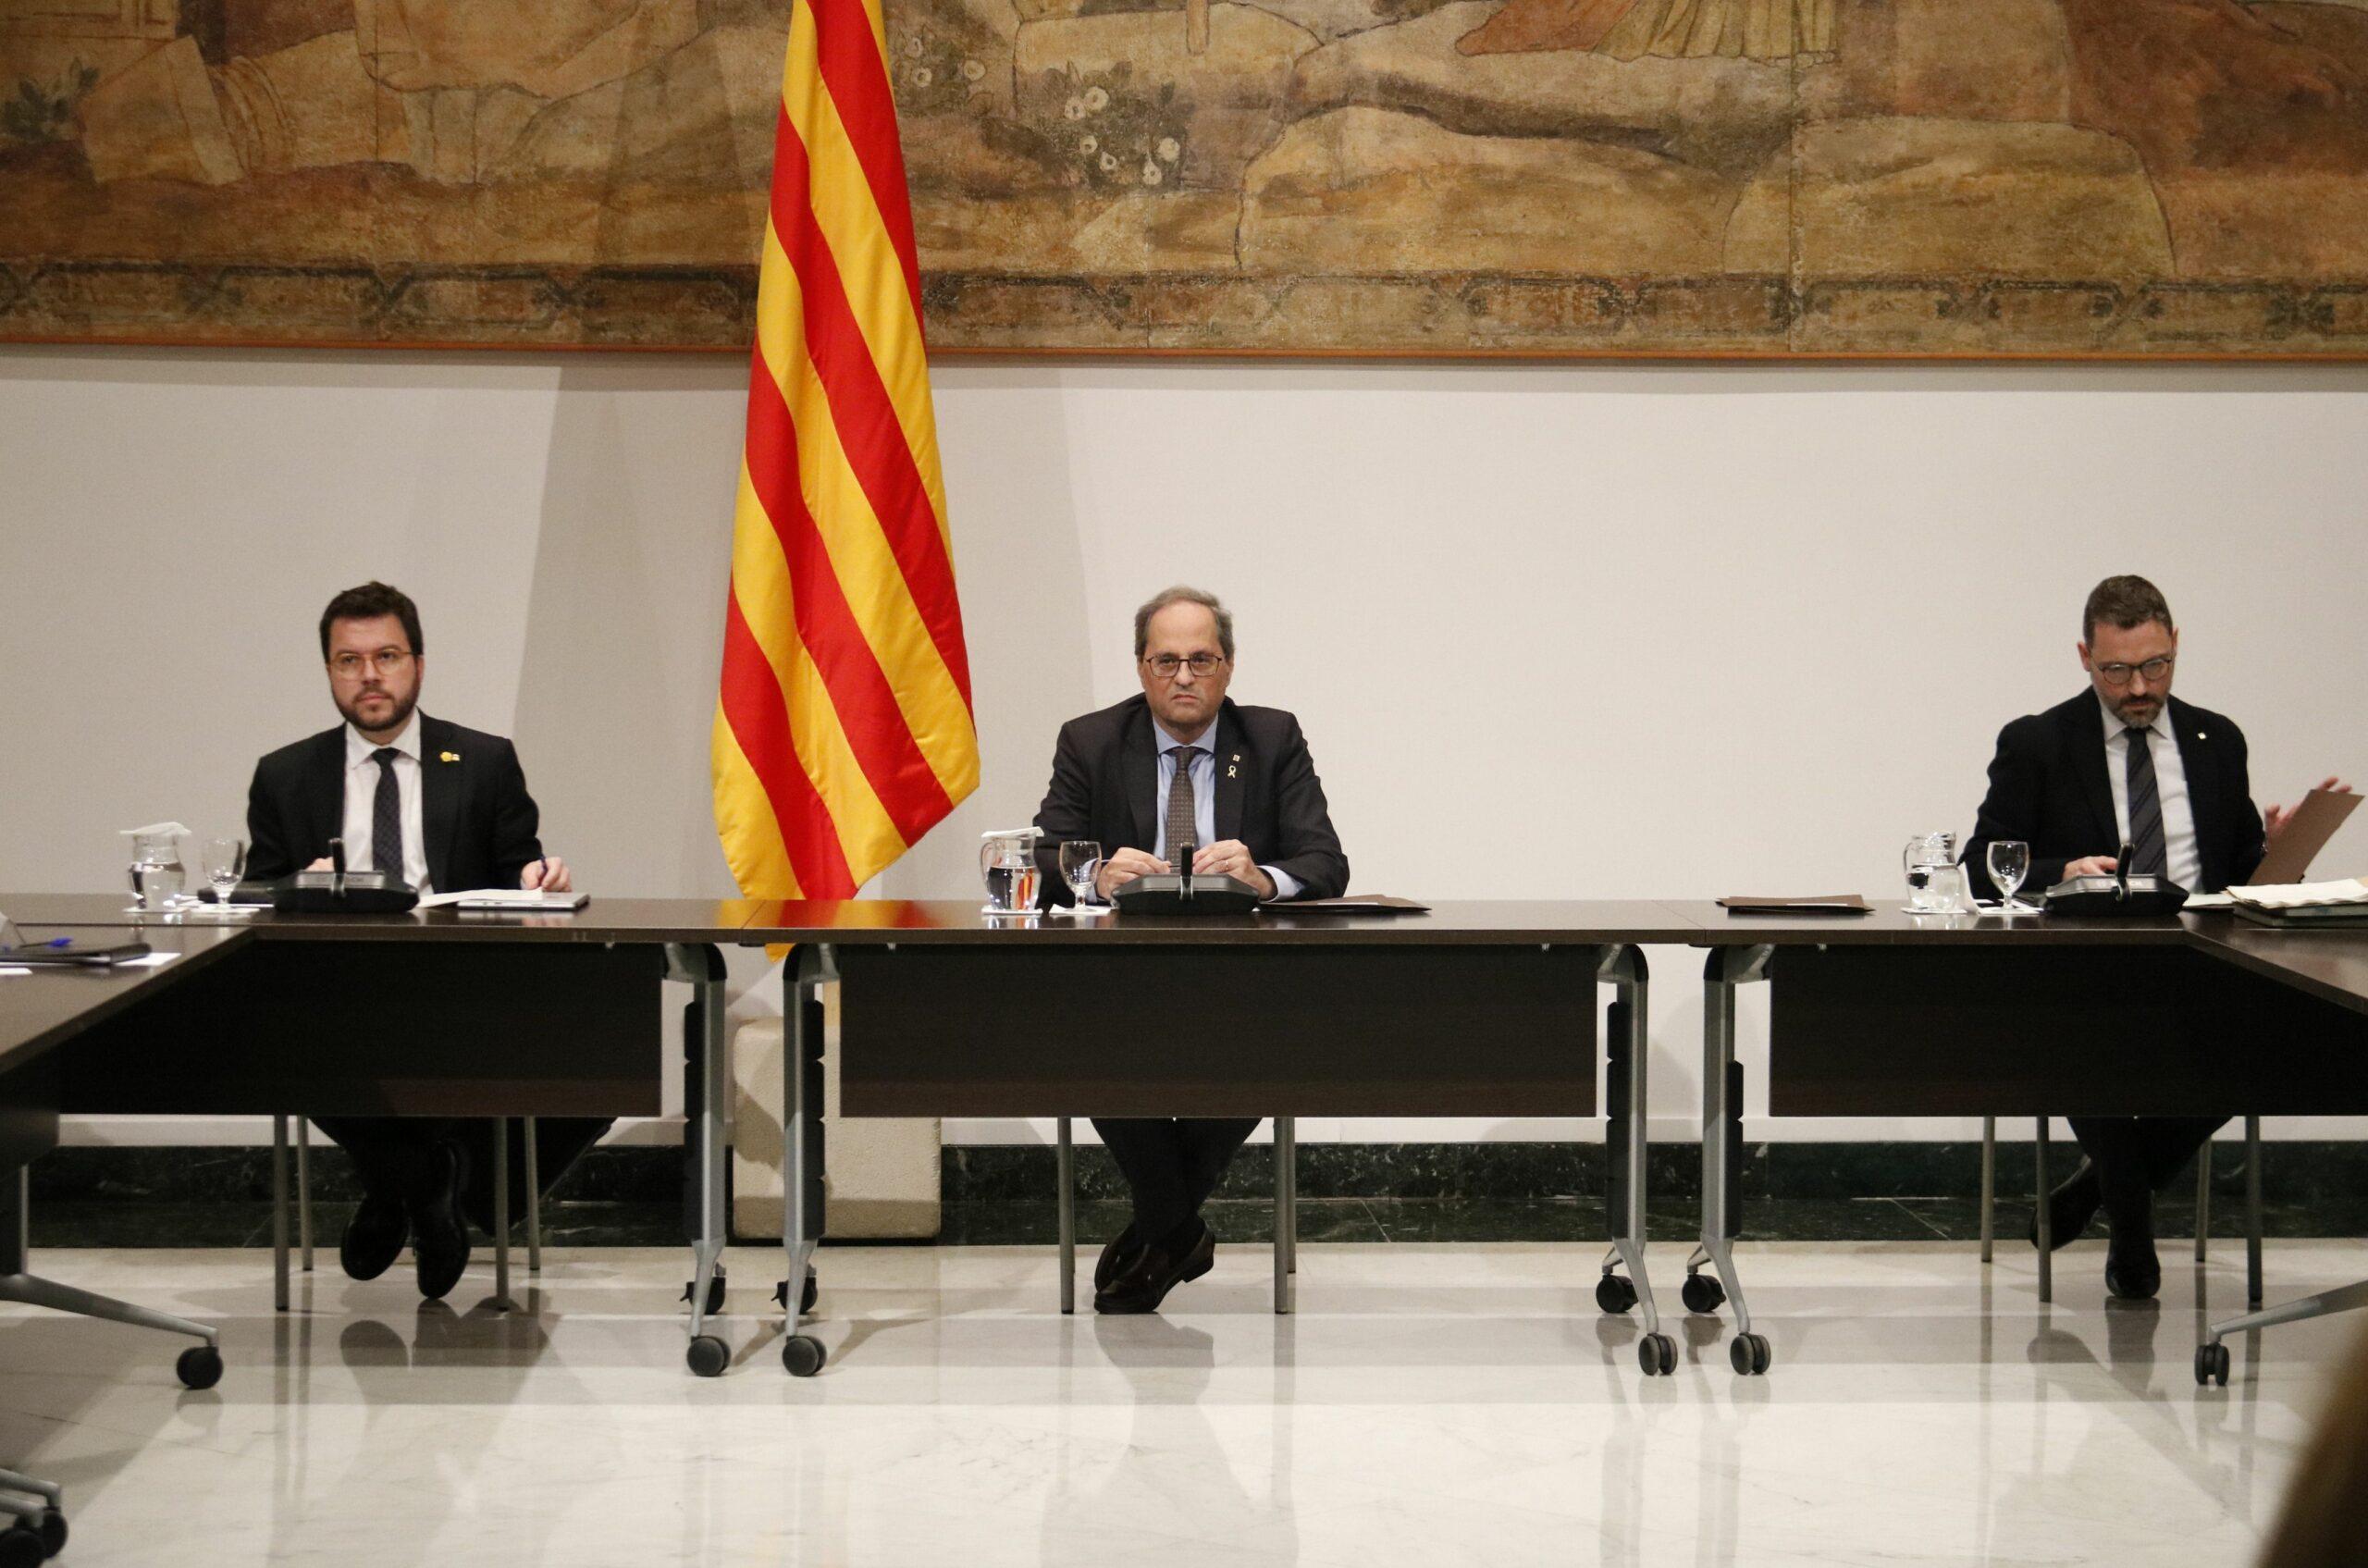 El president de la Generalitat, Quim Torra; el vicepresident, Pere Aragonès, i el secretari del Govern, Víctor Cullell (ACN)